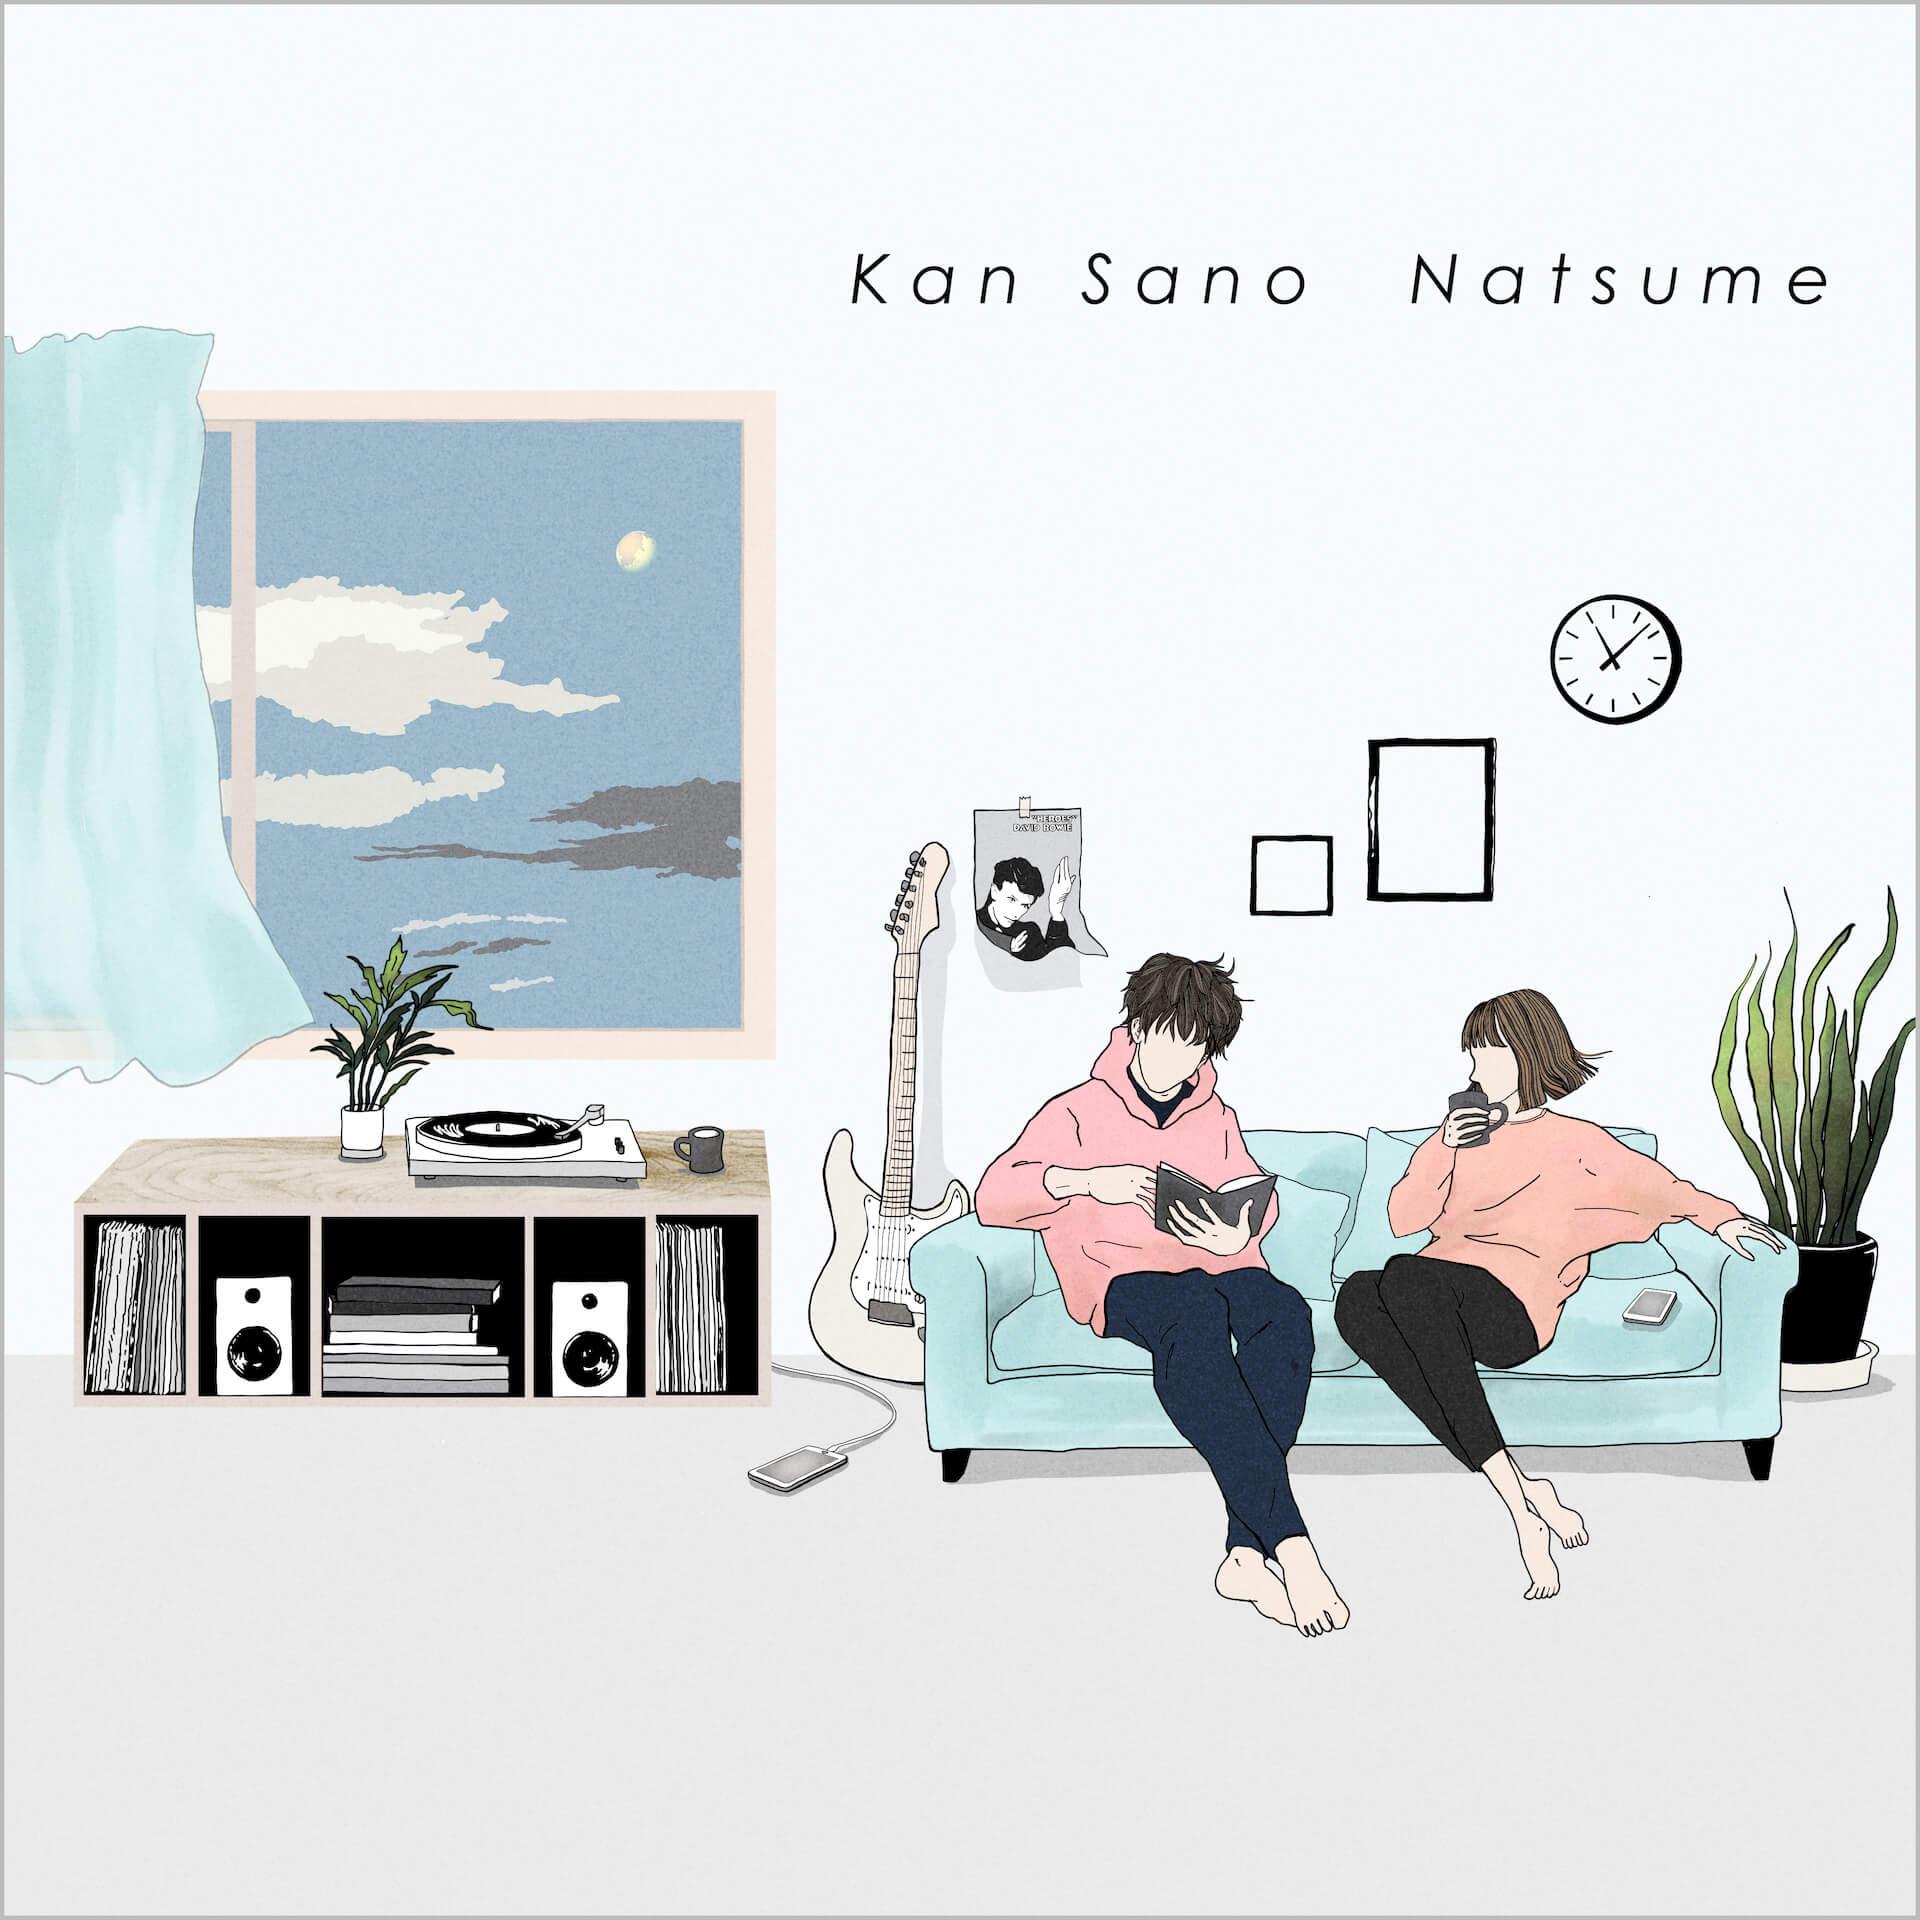 """Kan Sanoの新曲""""Natsume""""がバカリズム脚本で話題のドラマ『住住』主題歌に!特別映像も解禁 music210428_kansano_sumusumu_2"""